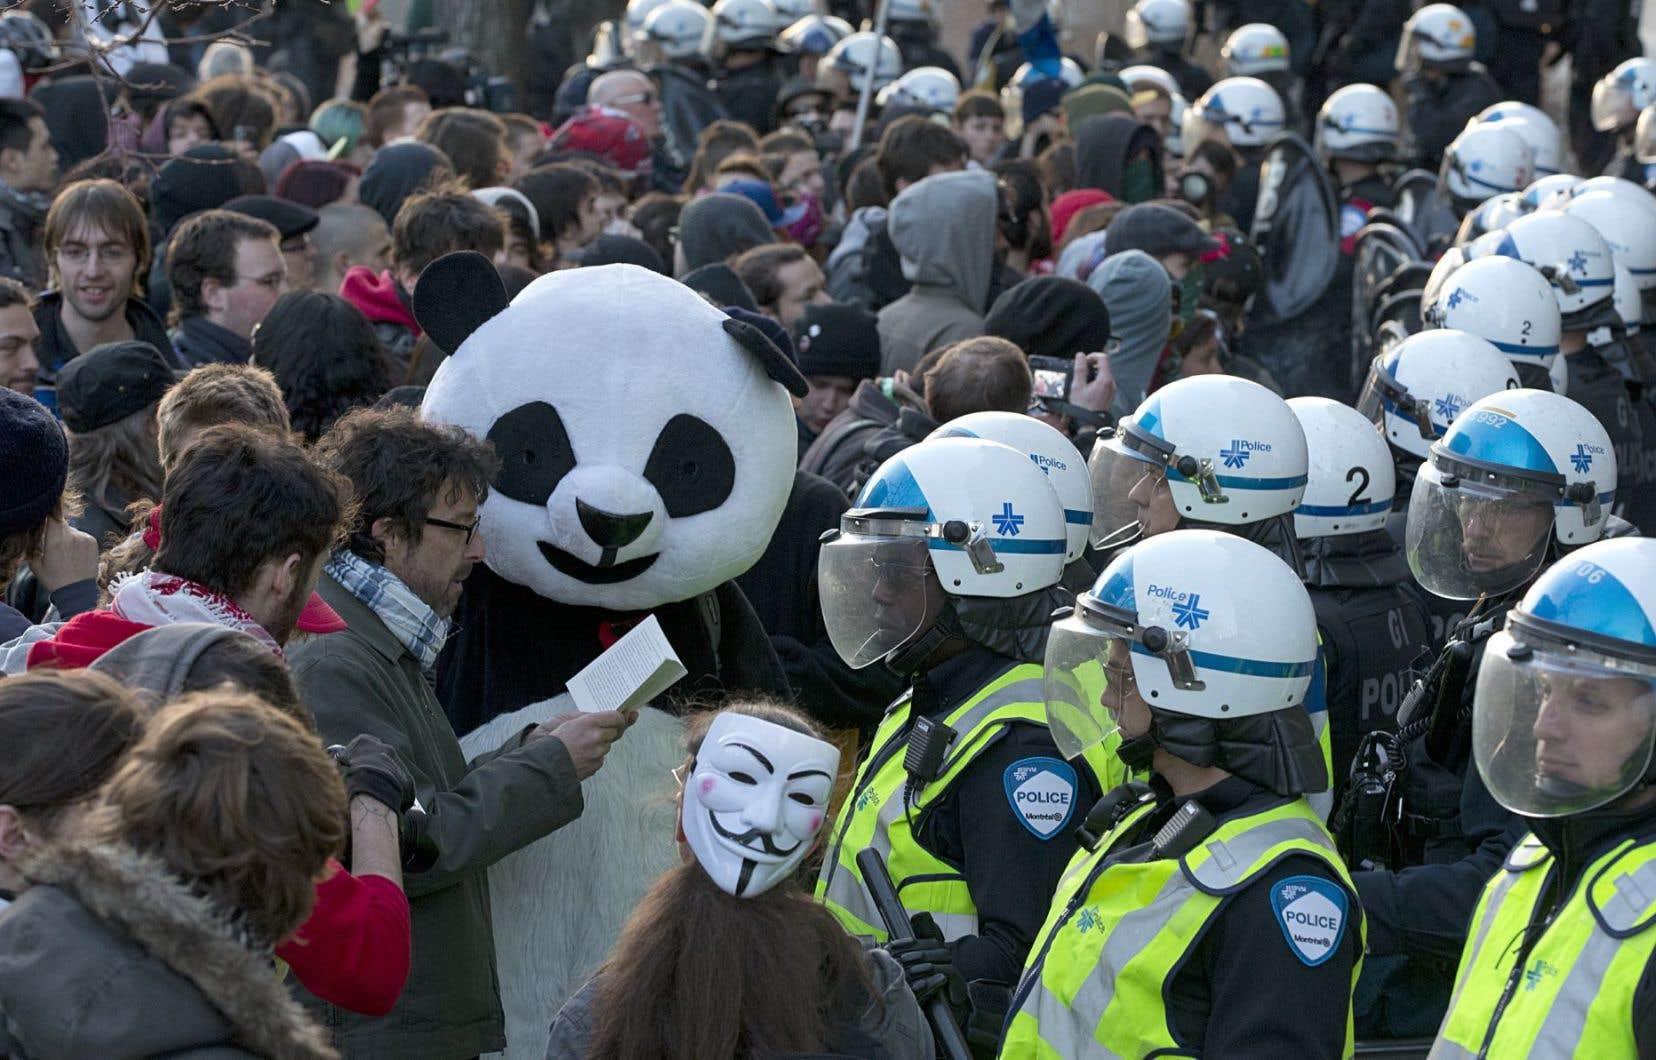 Selon Julien Villeneuve, cette décision ne tient pas la route et témoigne d'une incompréhension du fonctionnement des manifestations.